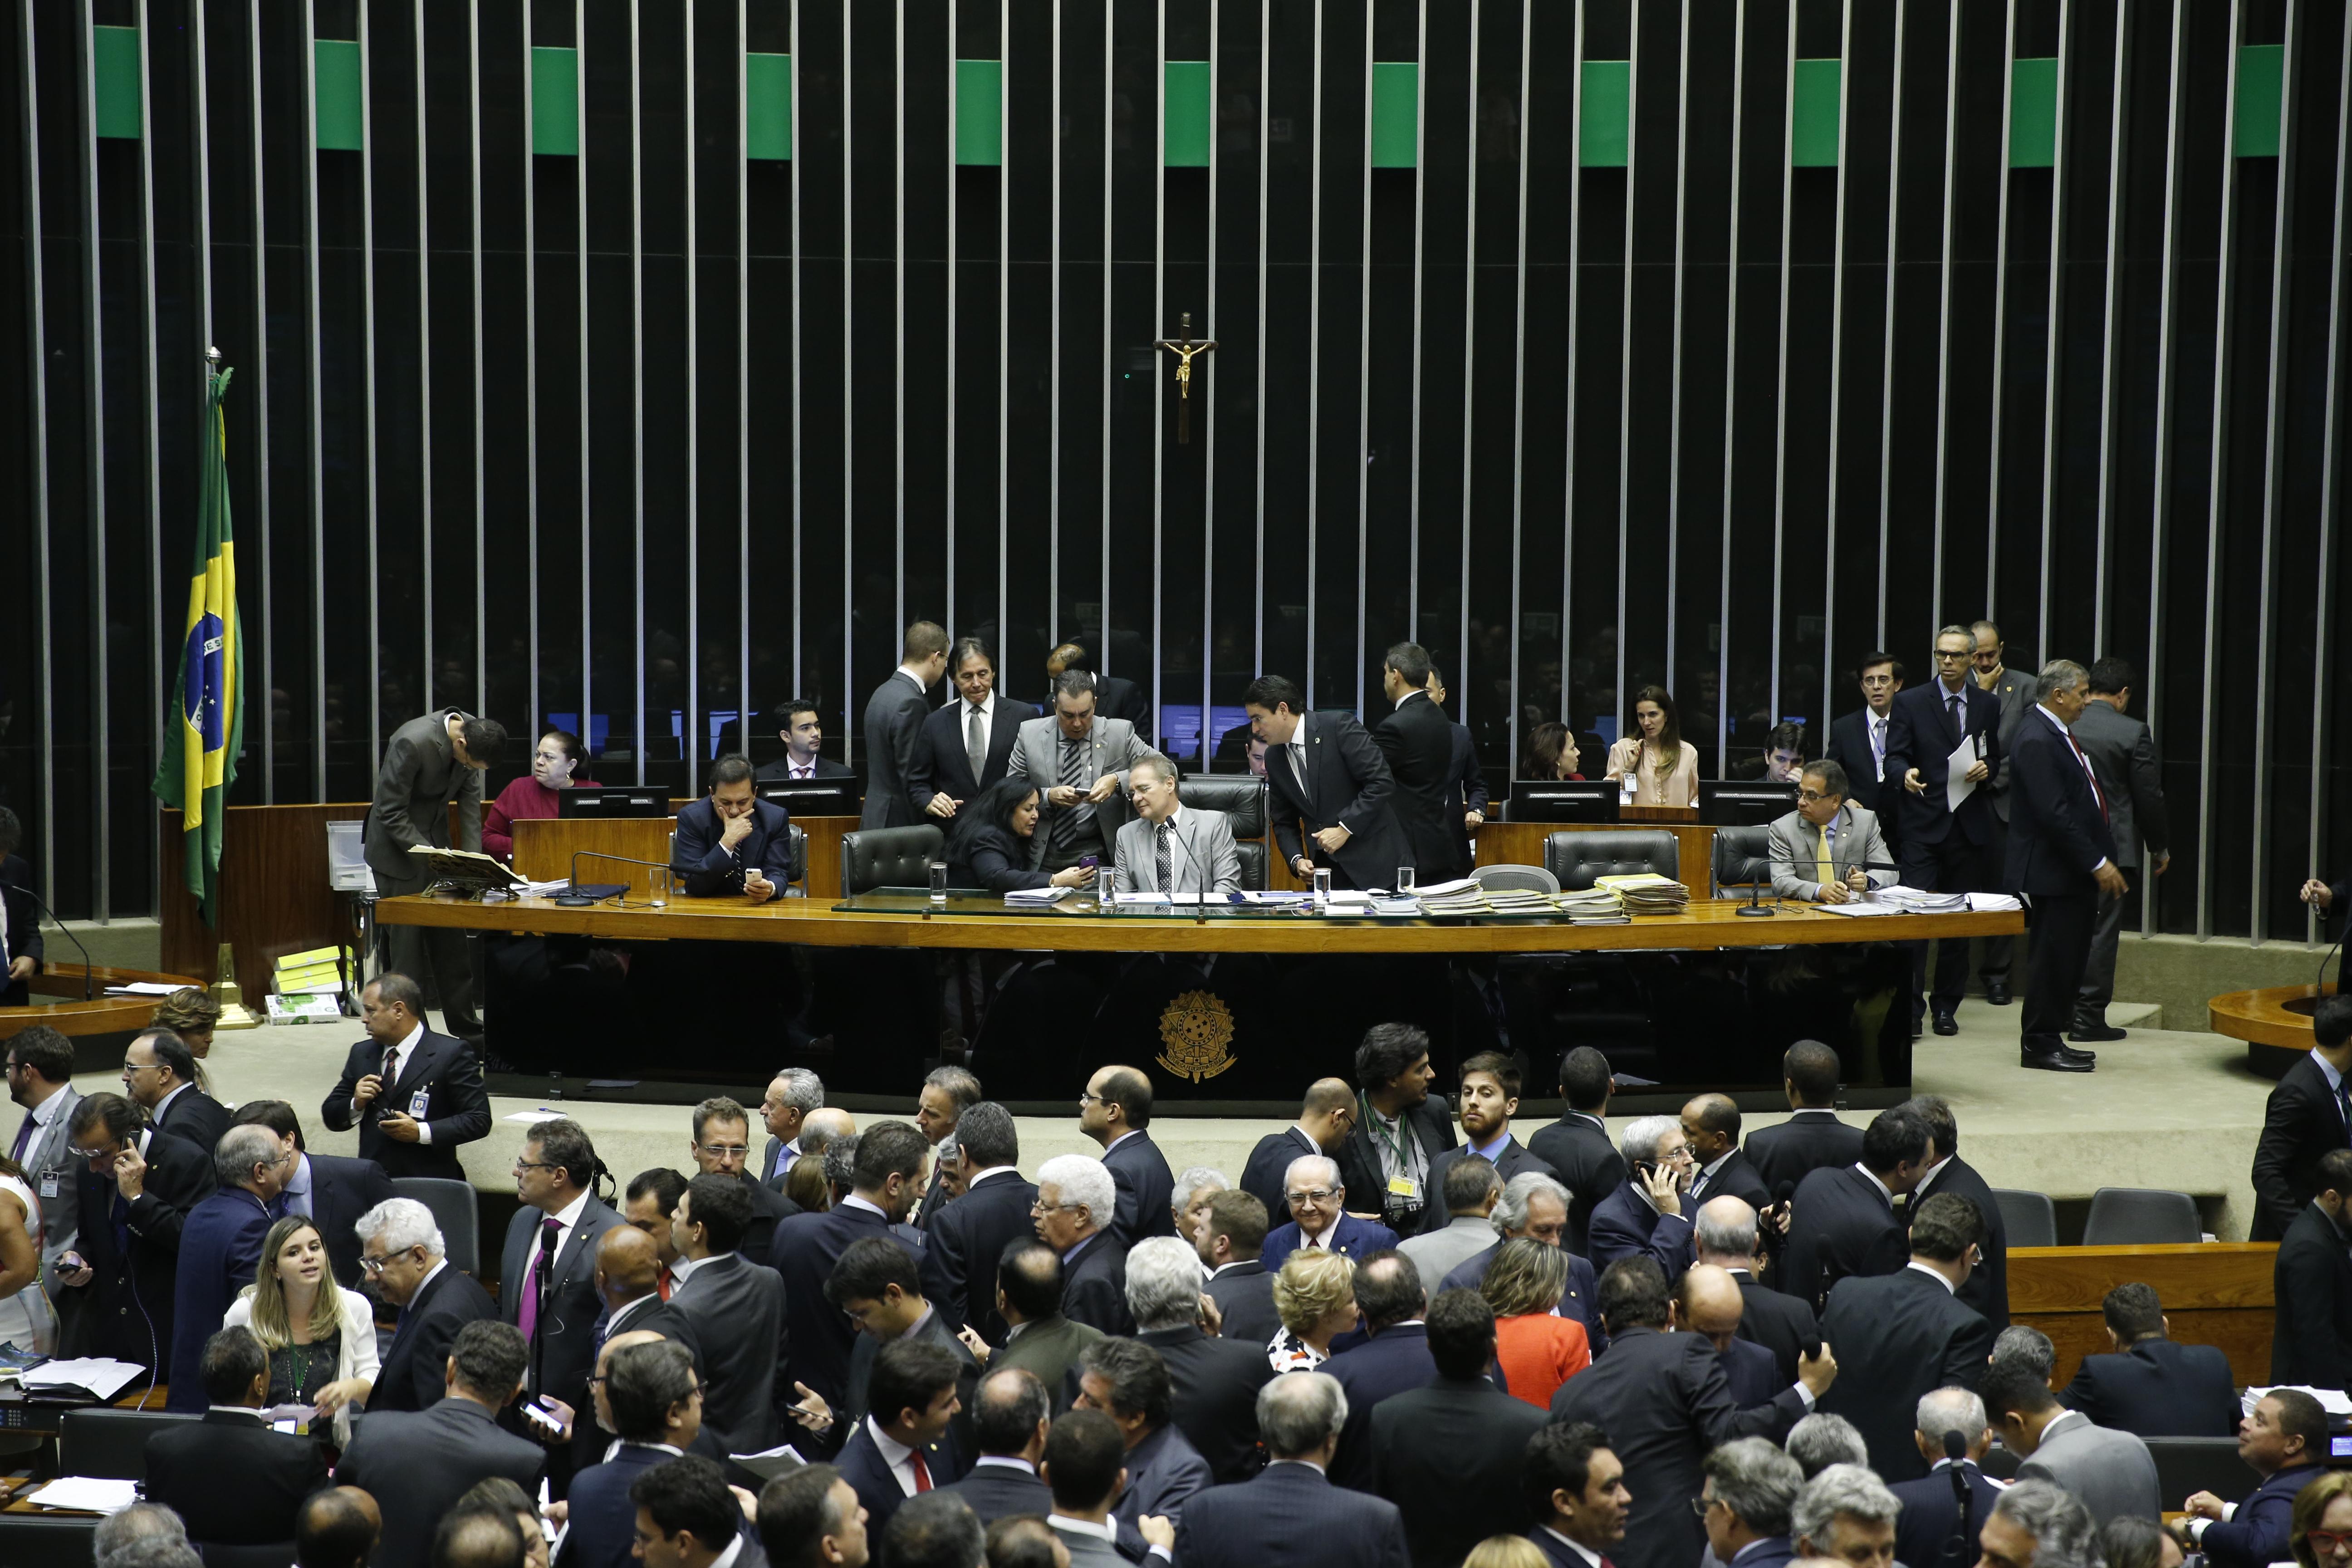 Sessão do Congresso Nacional para a análise e votação de vetos presidenciais.